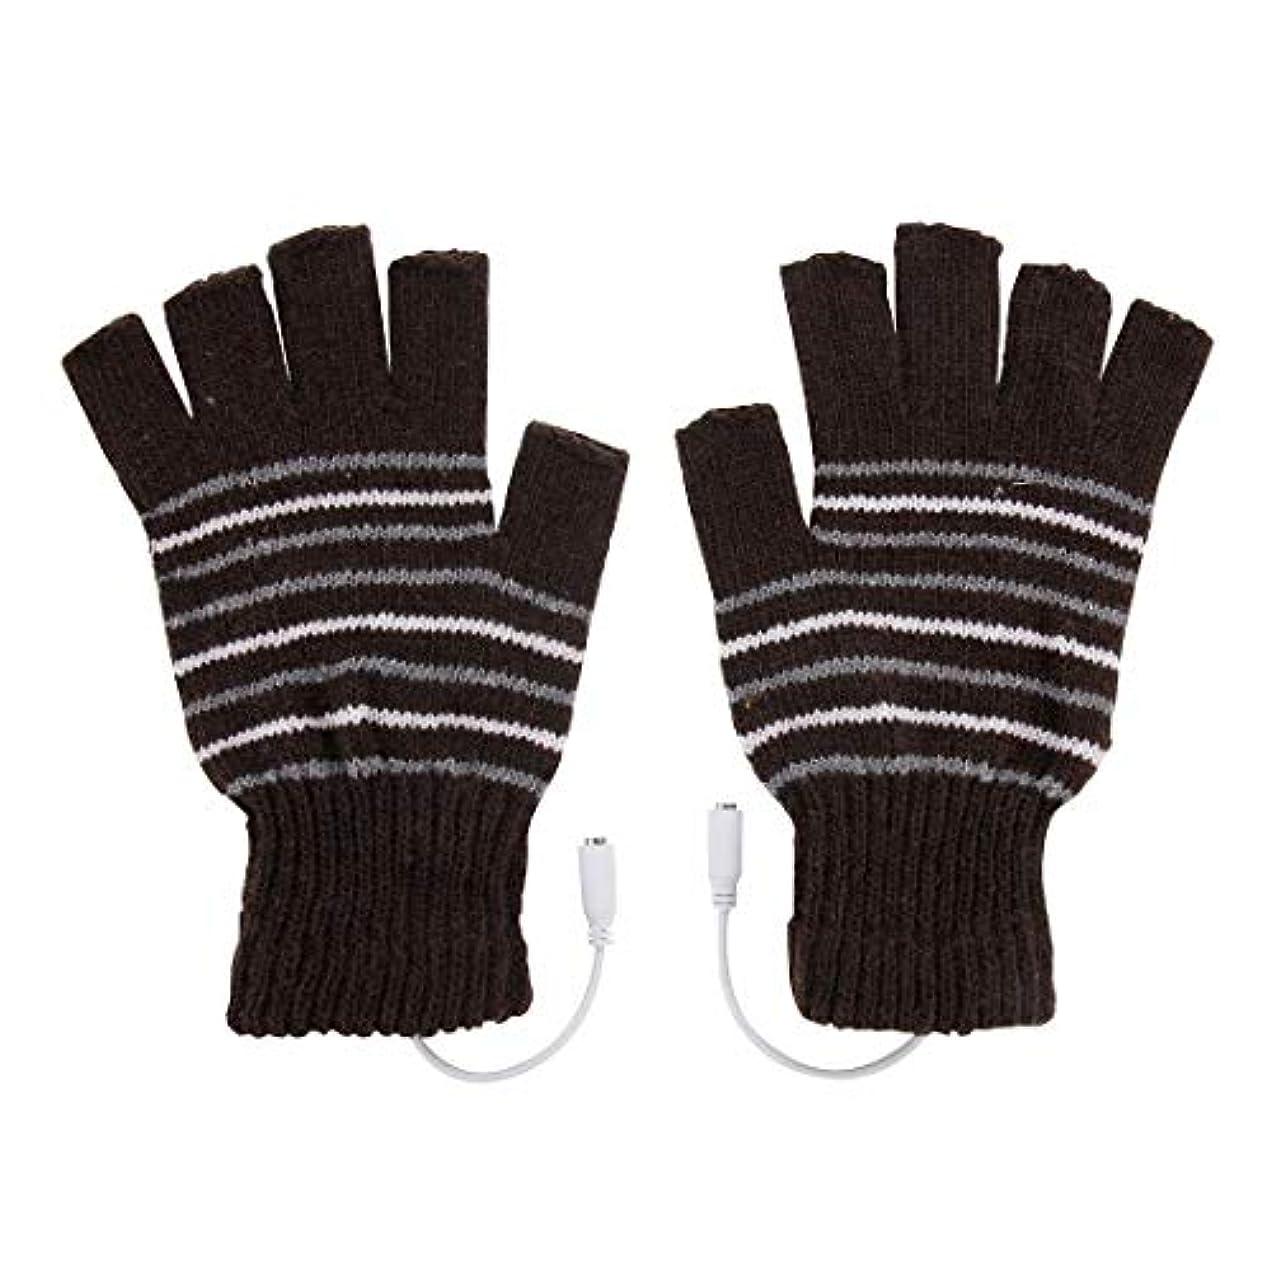 ありふれた航空会社そうBAJIMI 手袋 グローブ レディース/メンズ ハンド ケア アウトドアスポーツ電気加熱半指ニット耐久性のある手袋 裏起毛 おしゃれ 手触りが良い 運転 耐磨耗性 換気性